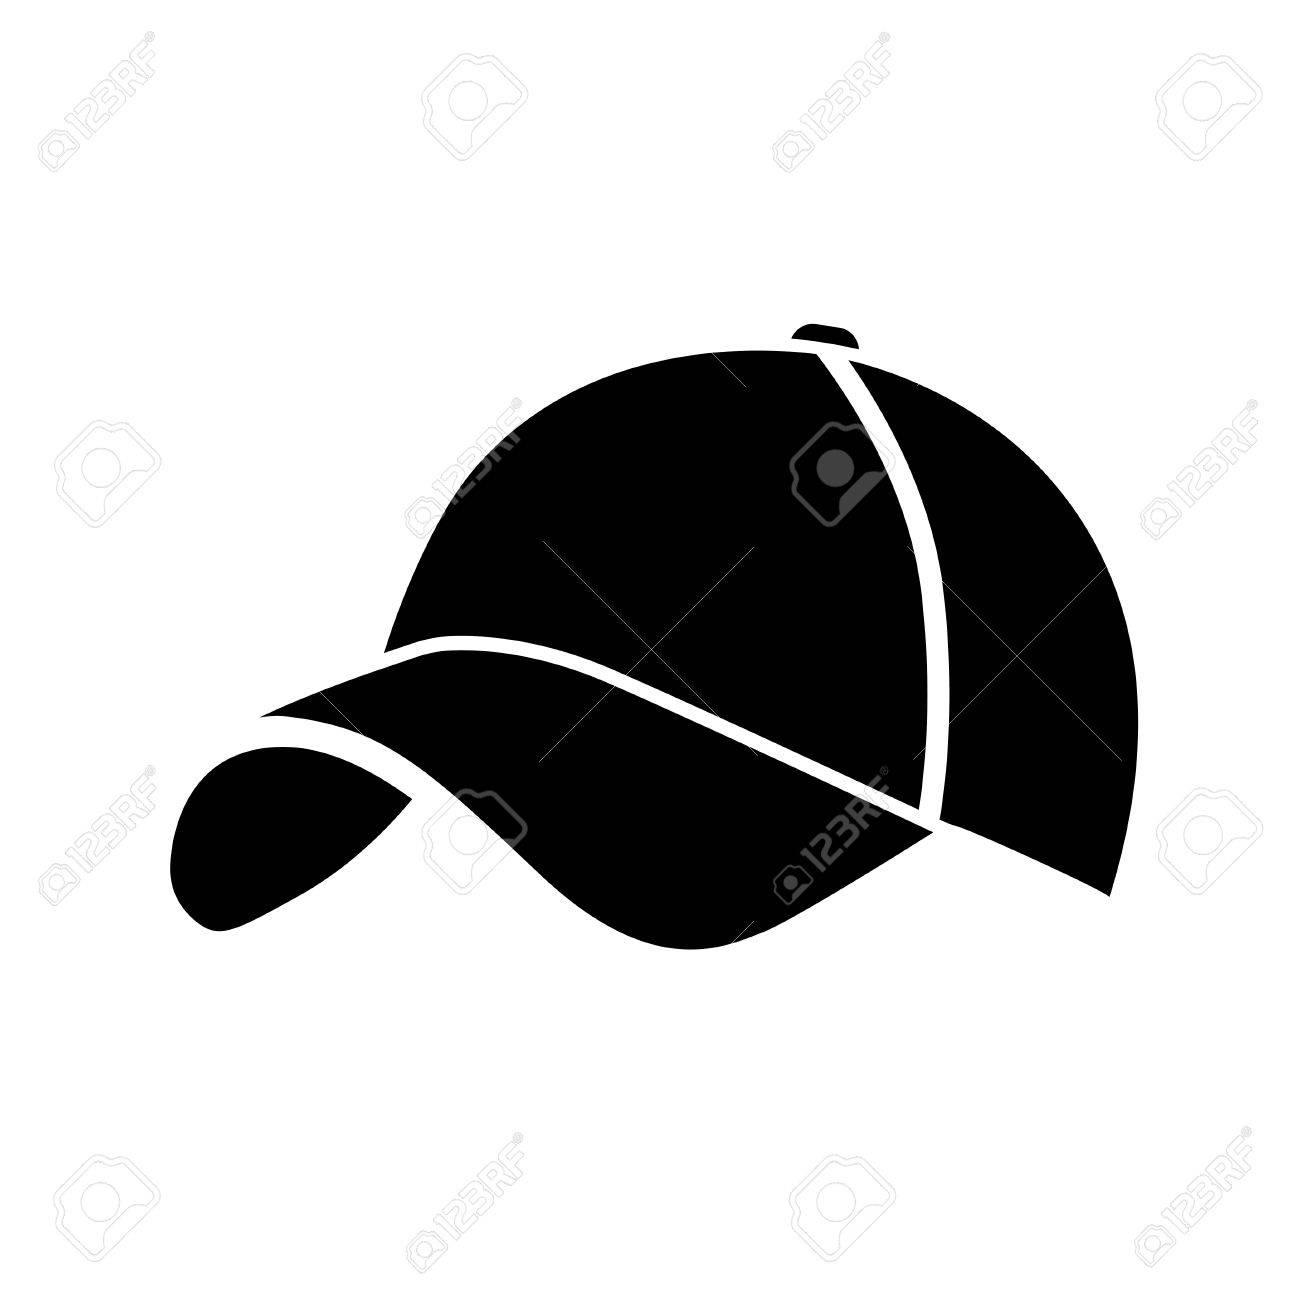 black baseball cap icon on white background vector illustration rh 123rf com baseball cap vector download baseball cap vector free download